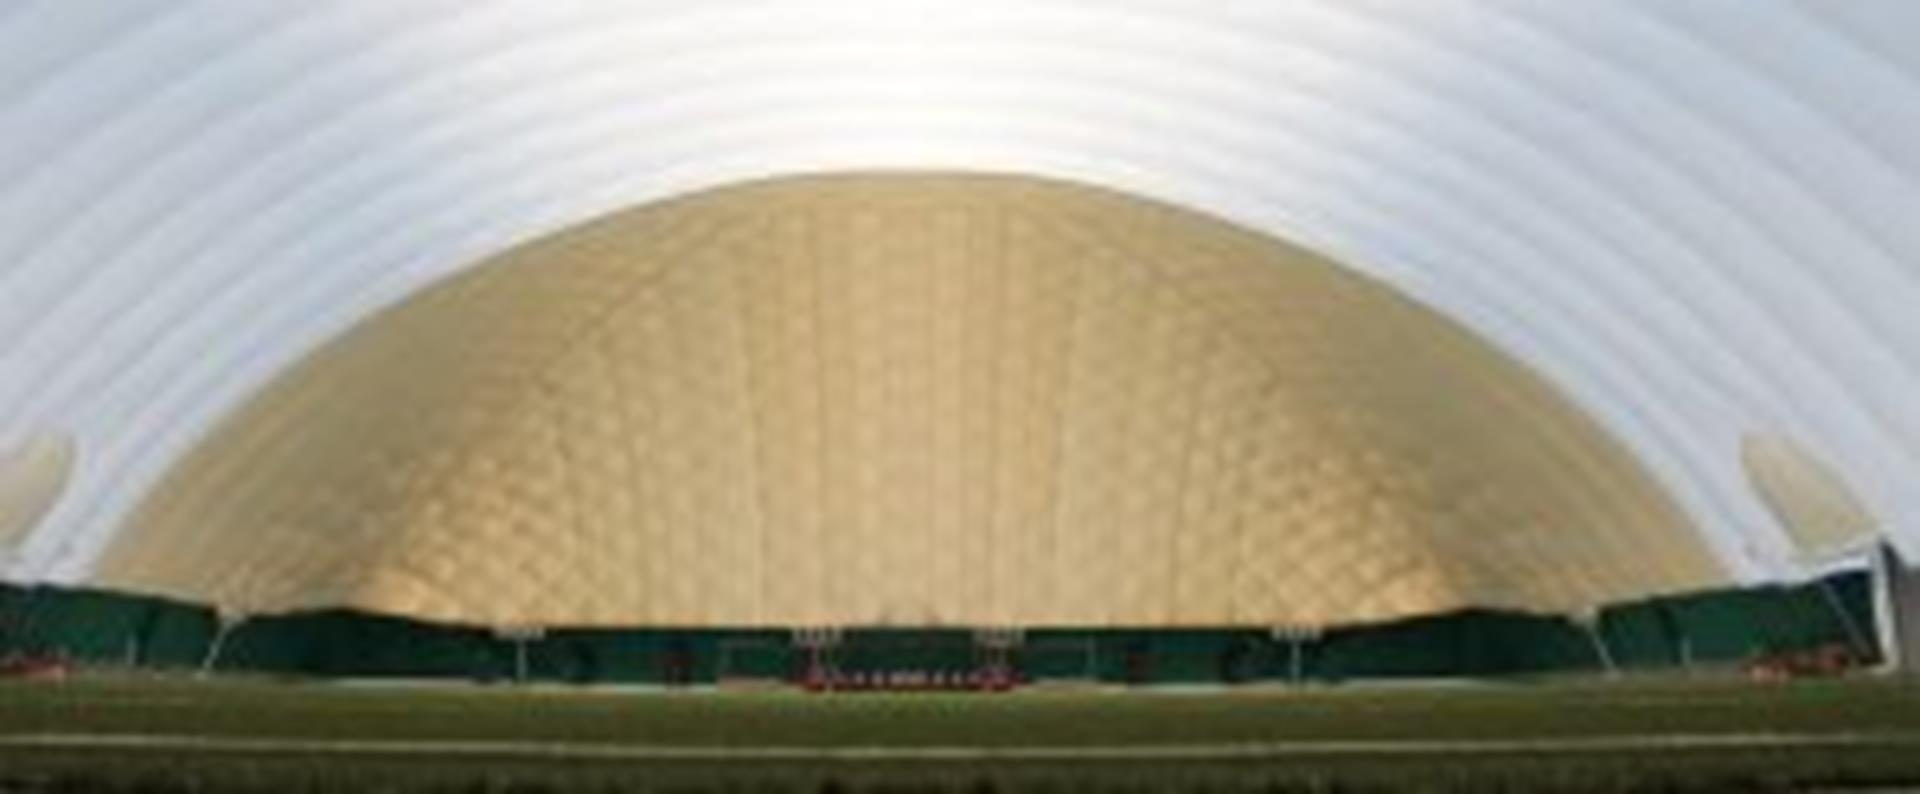 Avanti's Dome